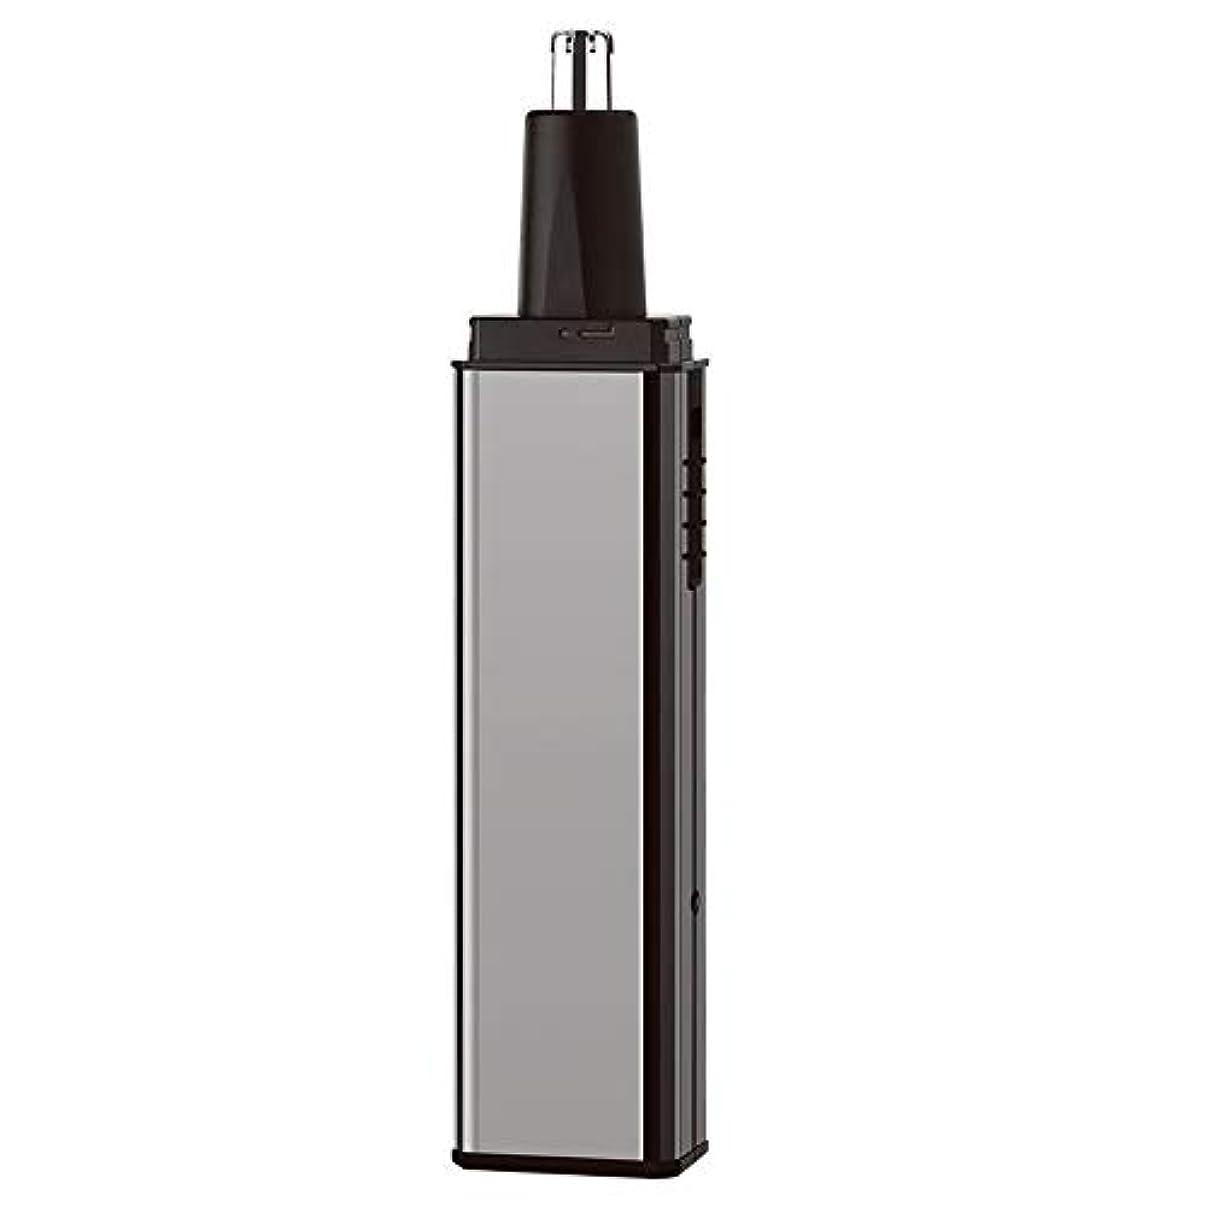 概して何よりも効果鼻毛トリマー-多機能スーツフォーインワン/電気鼻毛トリマー/ステンレススチール/多機能/ 13.5 * 2.7cm 作り方がすぐれている